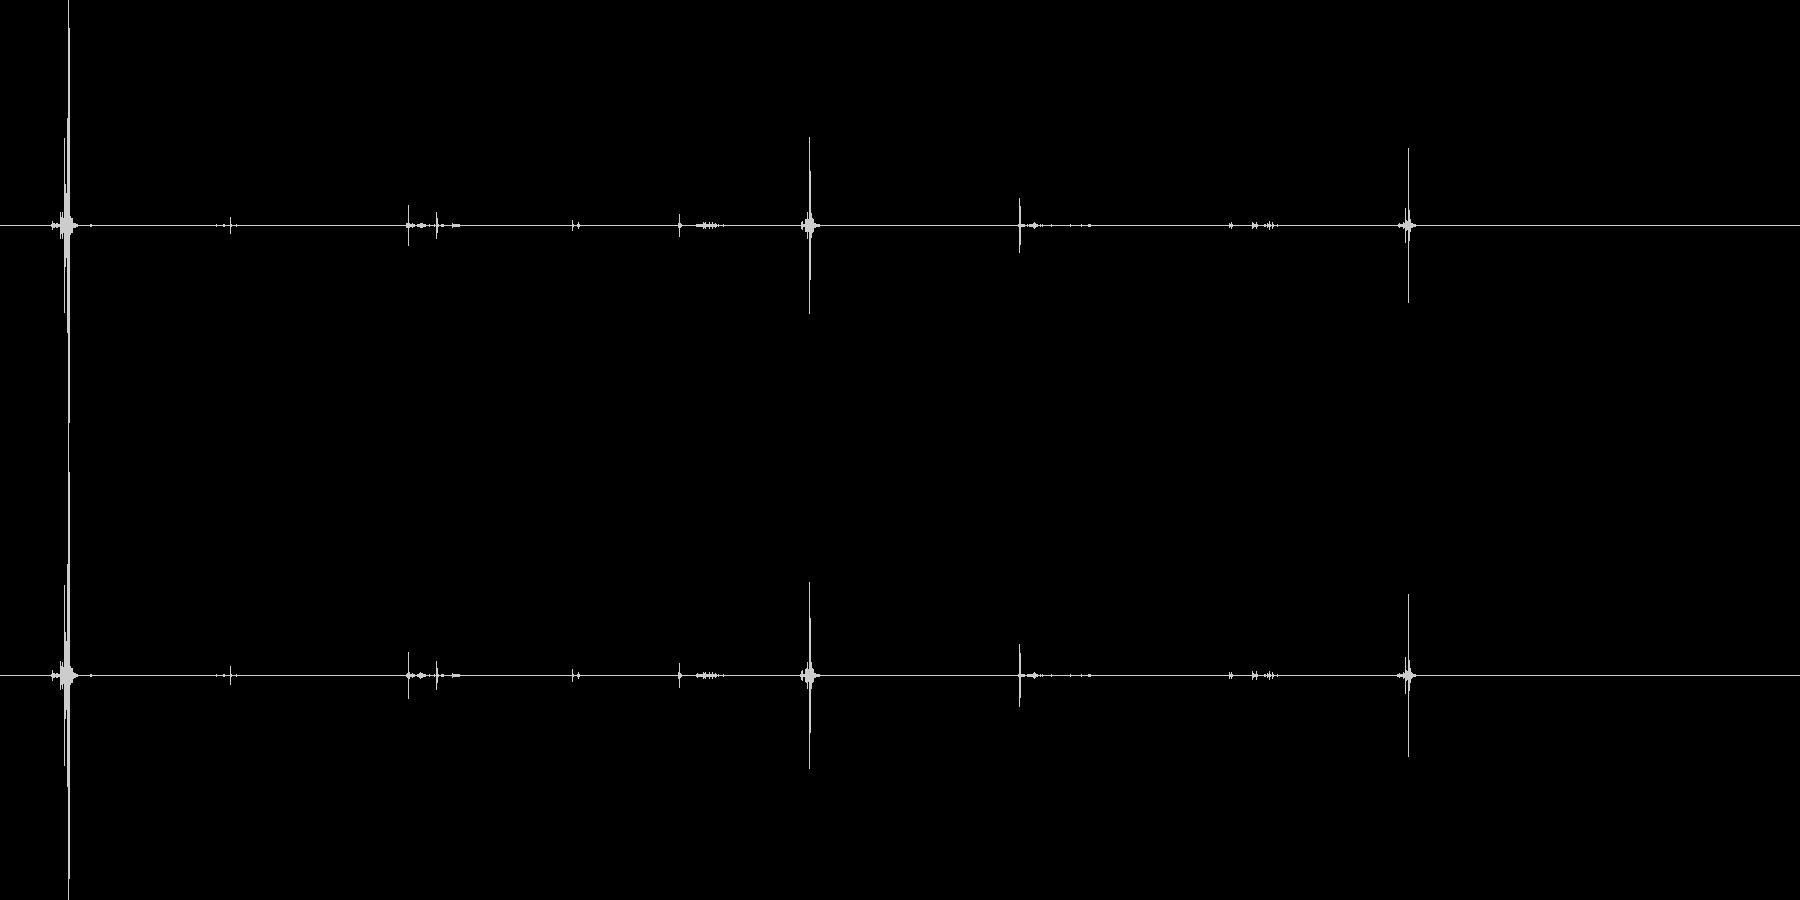 .45コルト:マガジンの挿入と取り...の未再生の波形